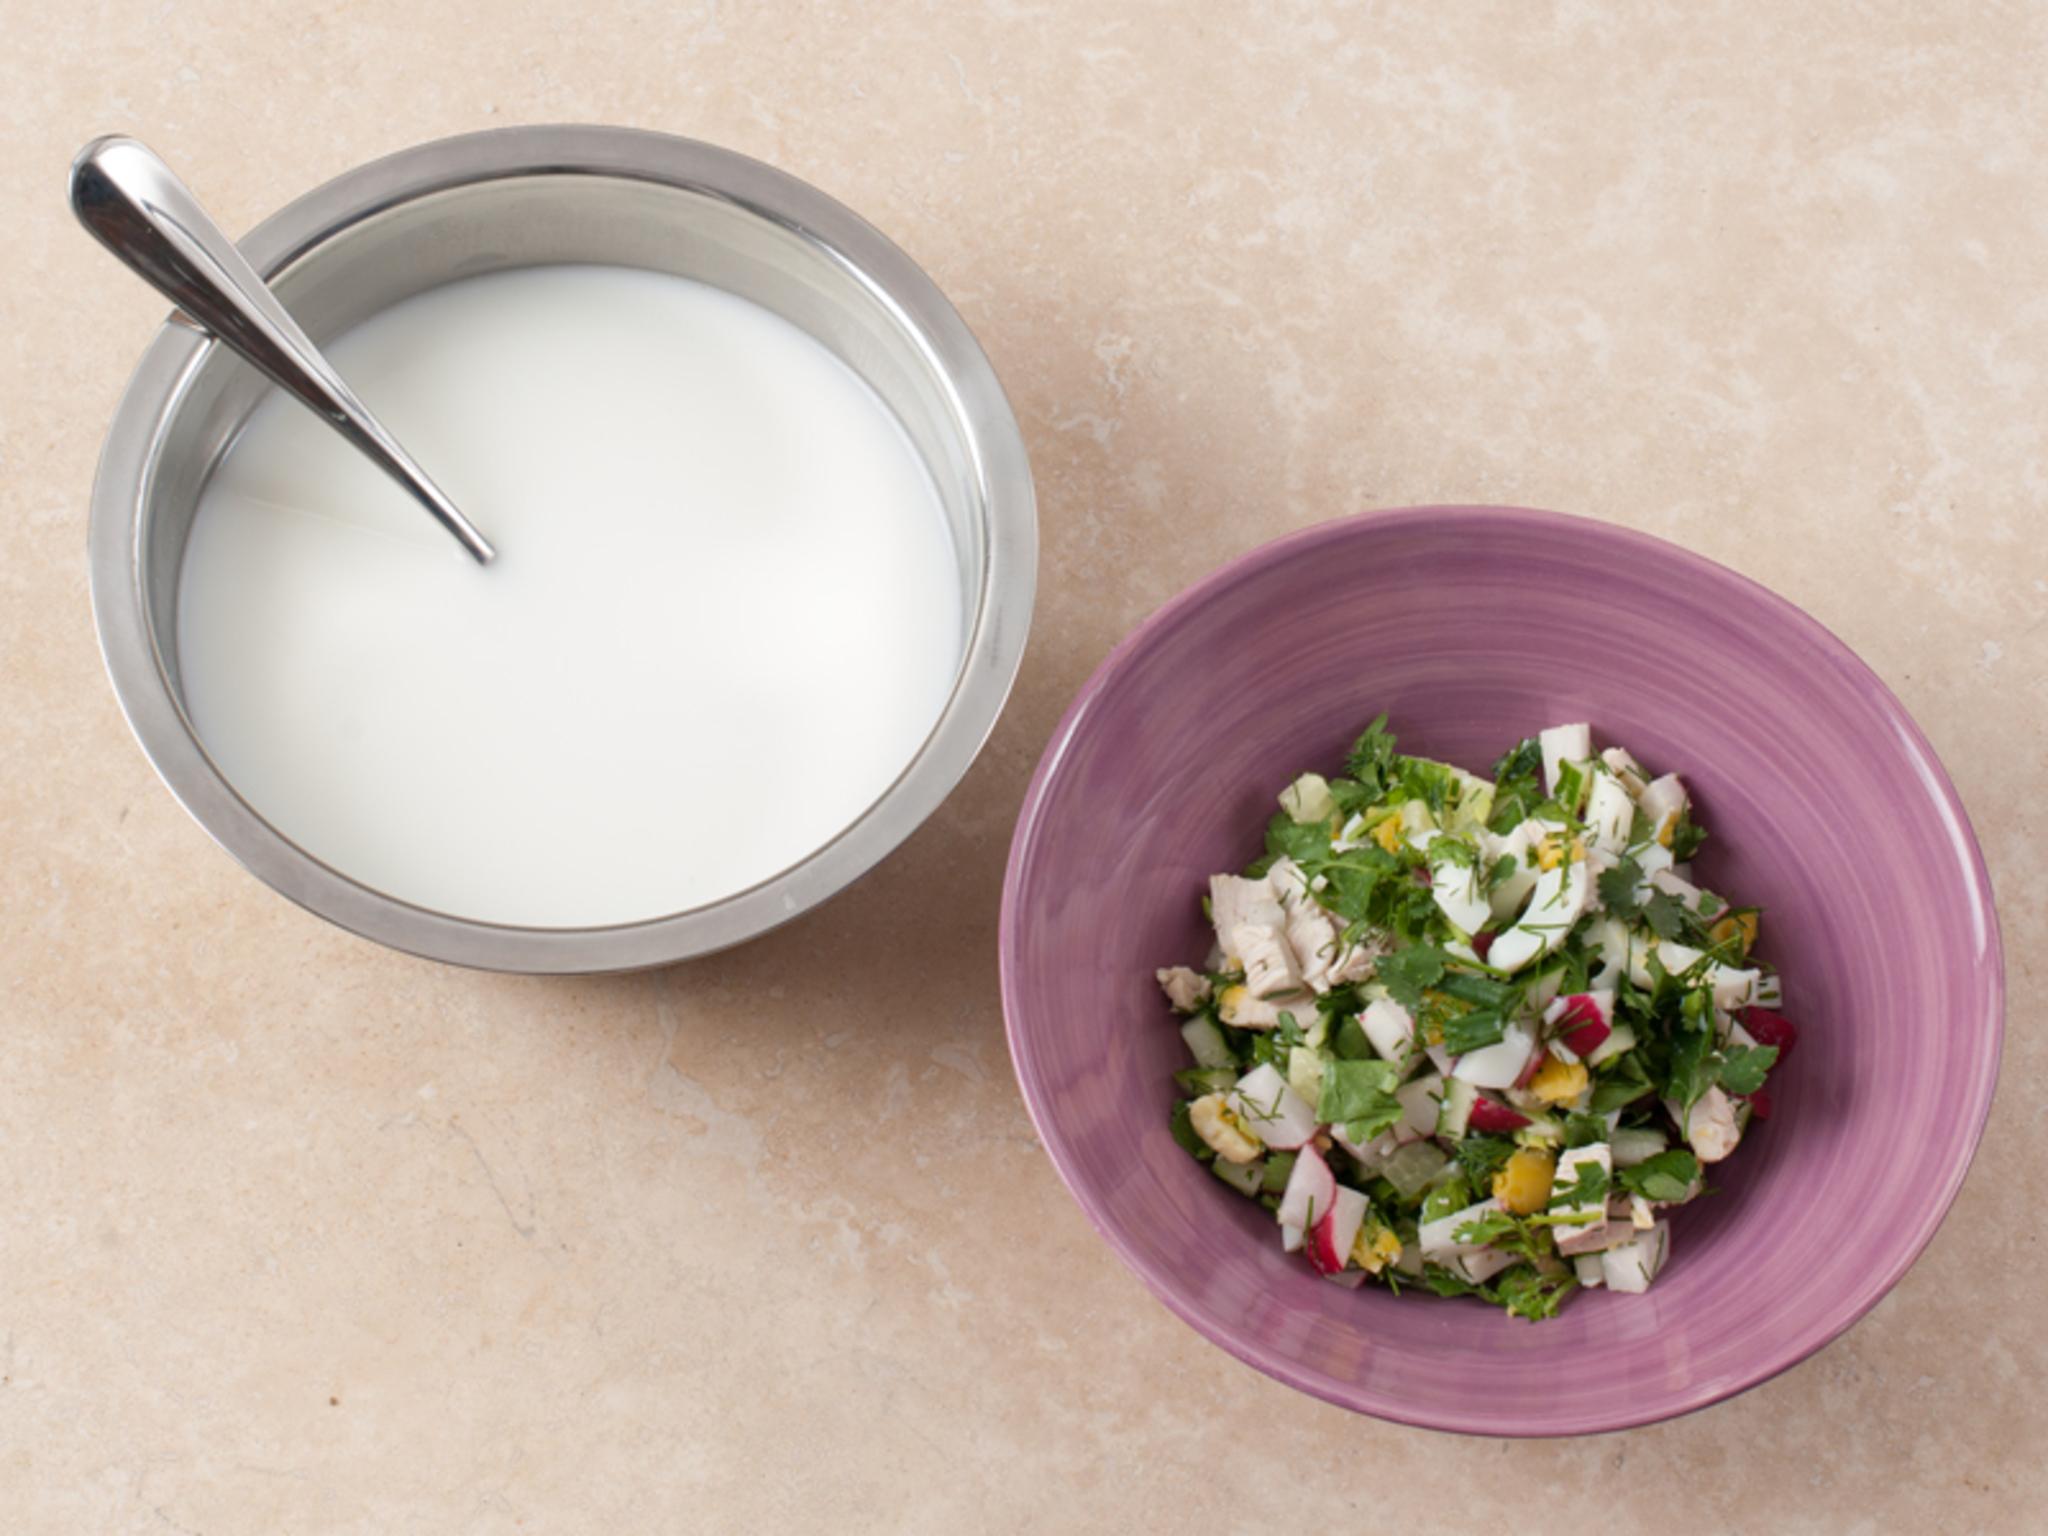 Как приготовить окрошку в домашних условиях рецепт